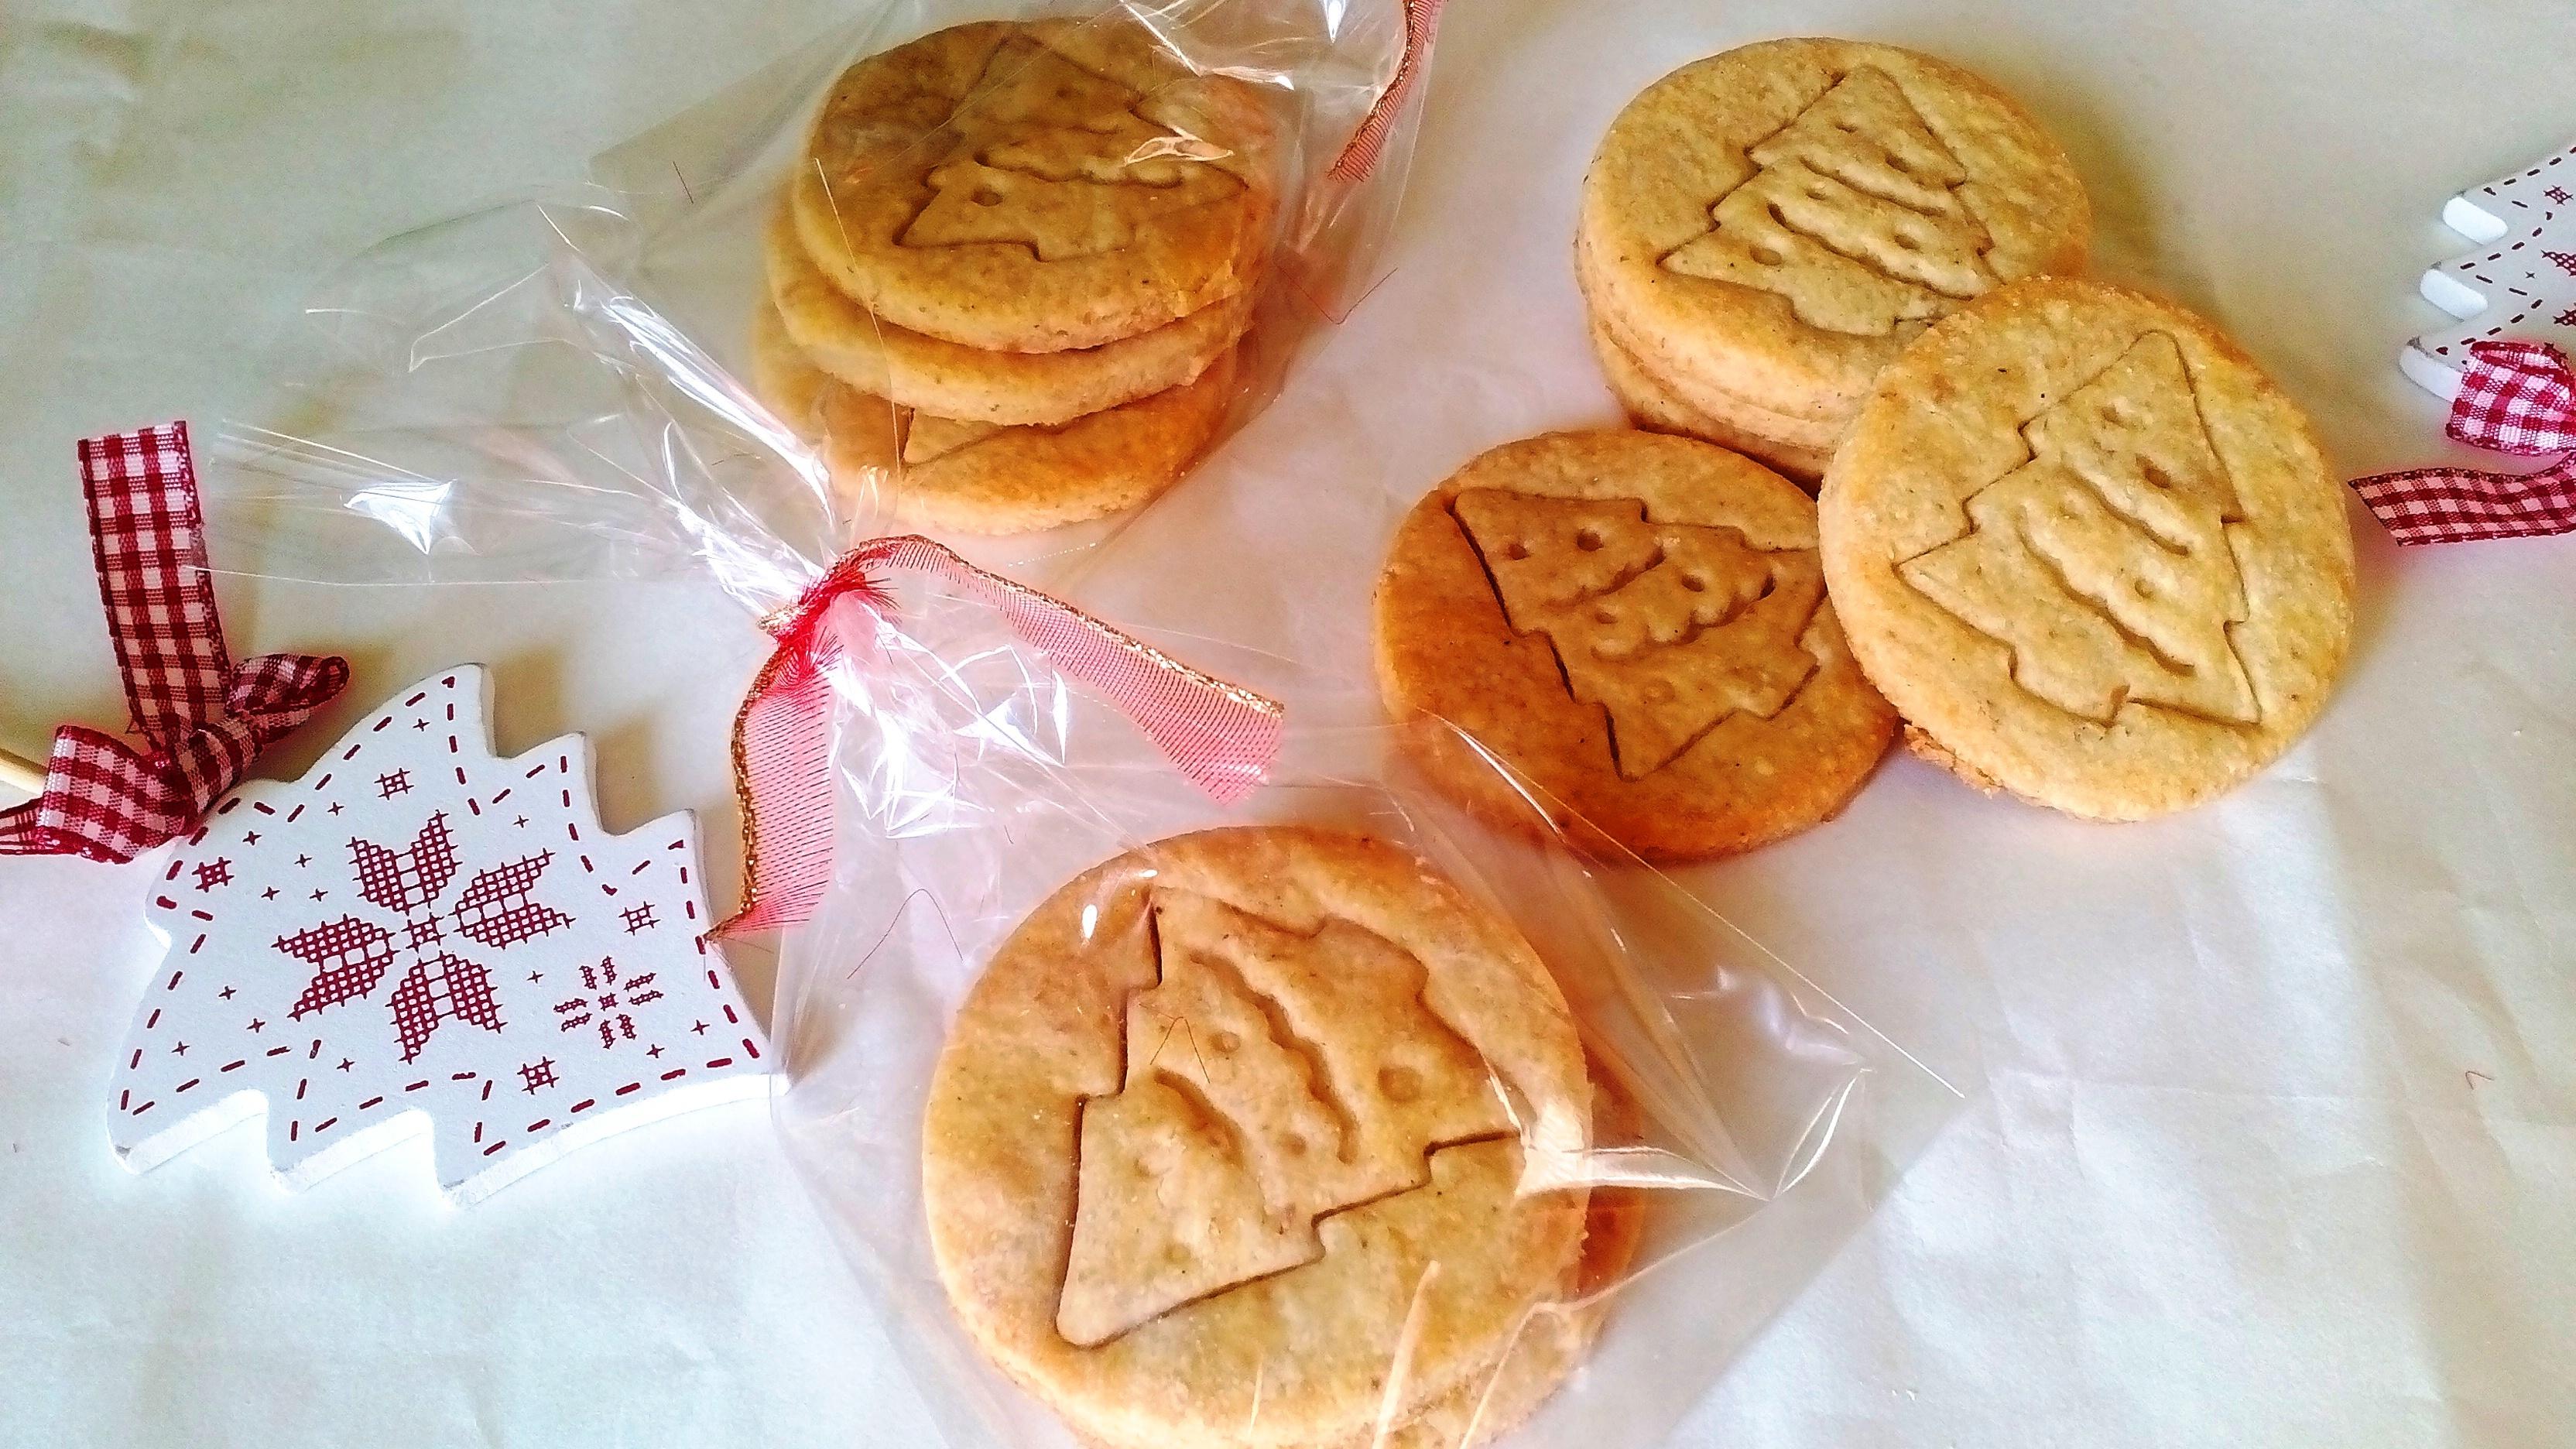 mcvities emésztő keksz fogyáshoz)